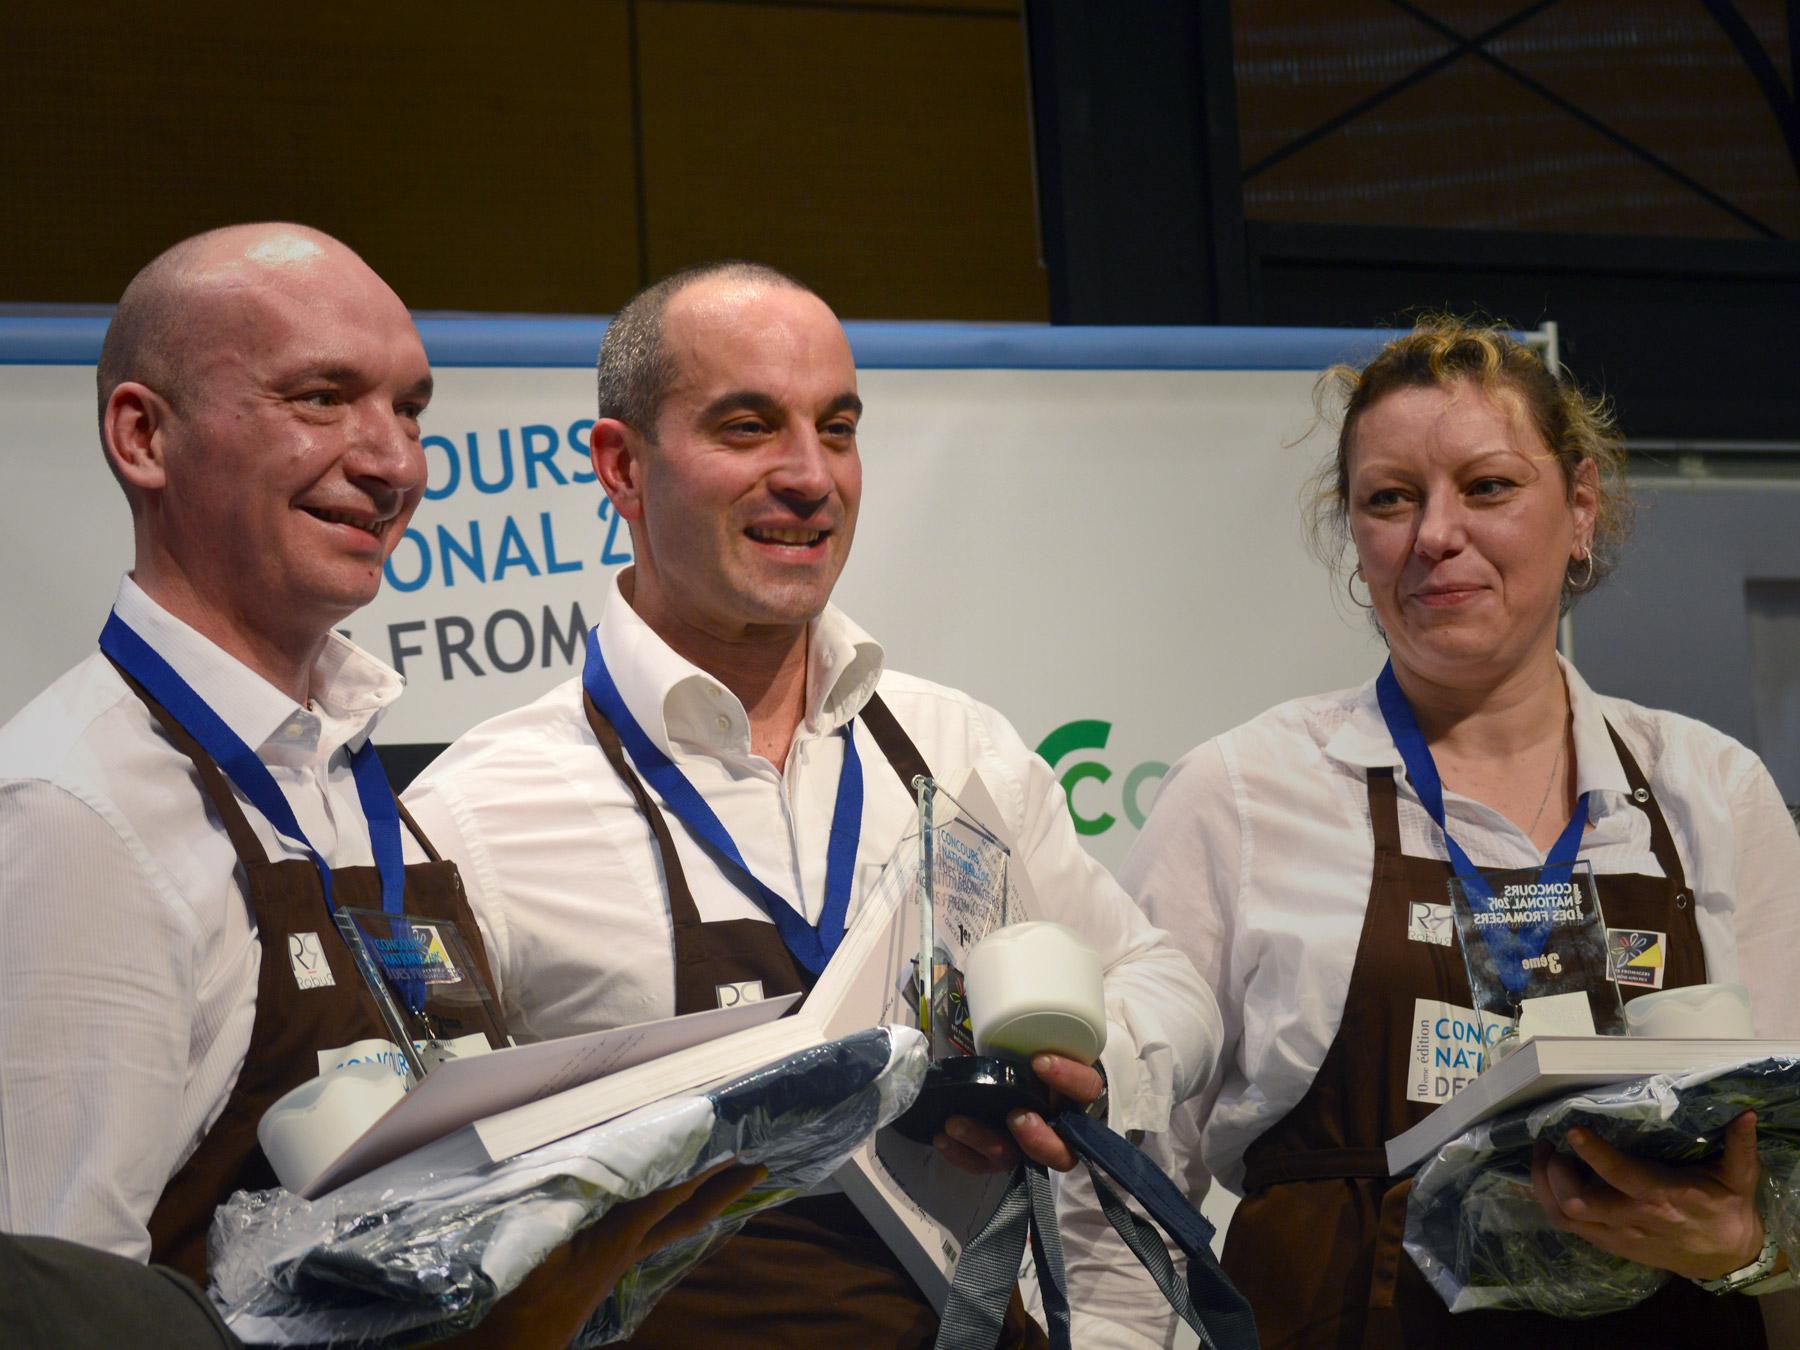 Vainqueur du Concours National des Fromagers 2015